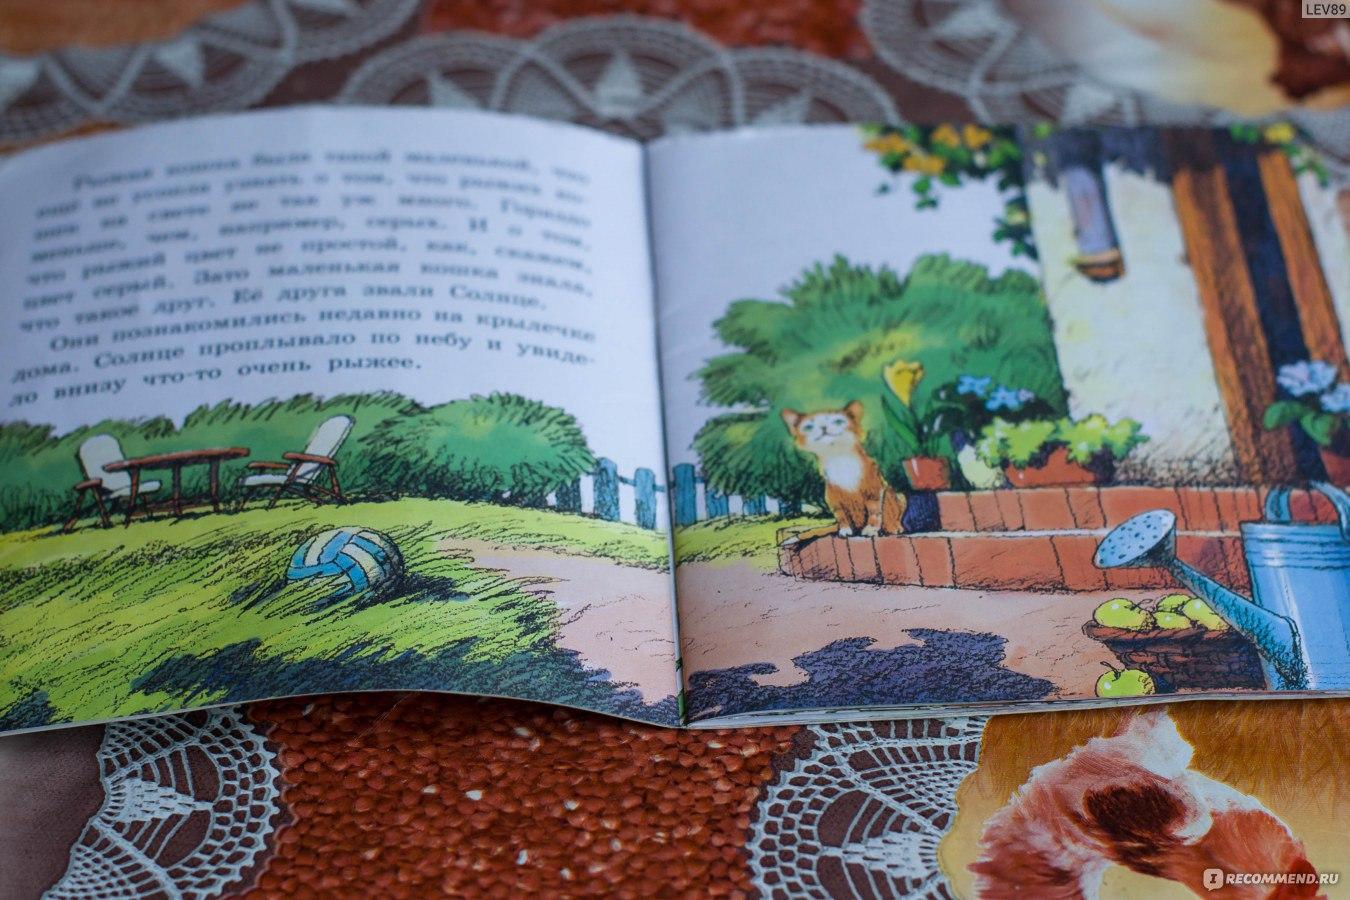 Сказка про сову, абрамцева наталья - читать для детей онлайн